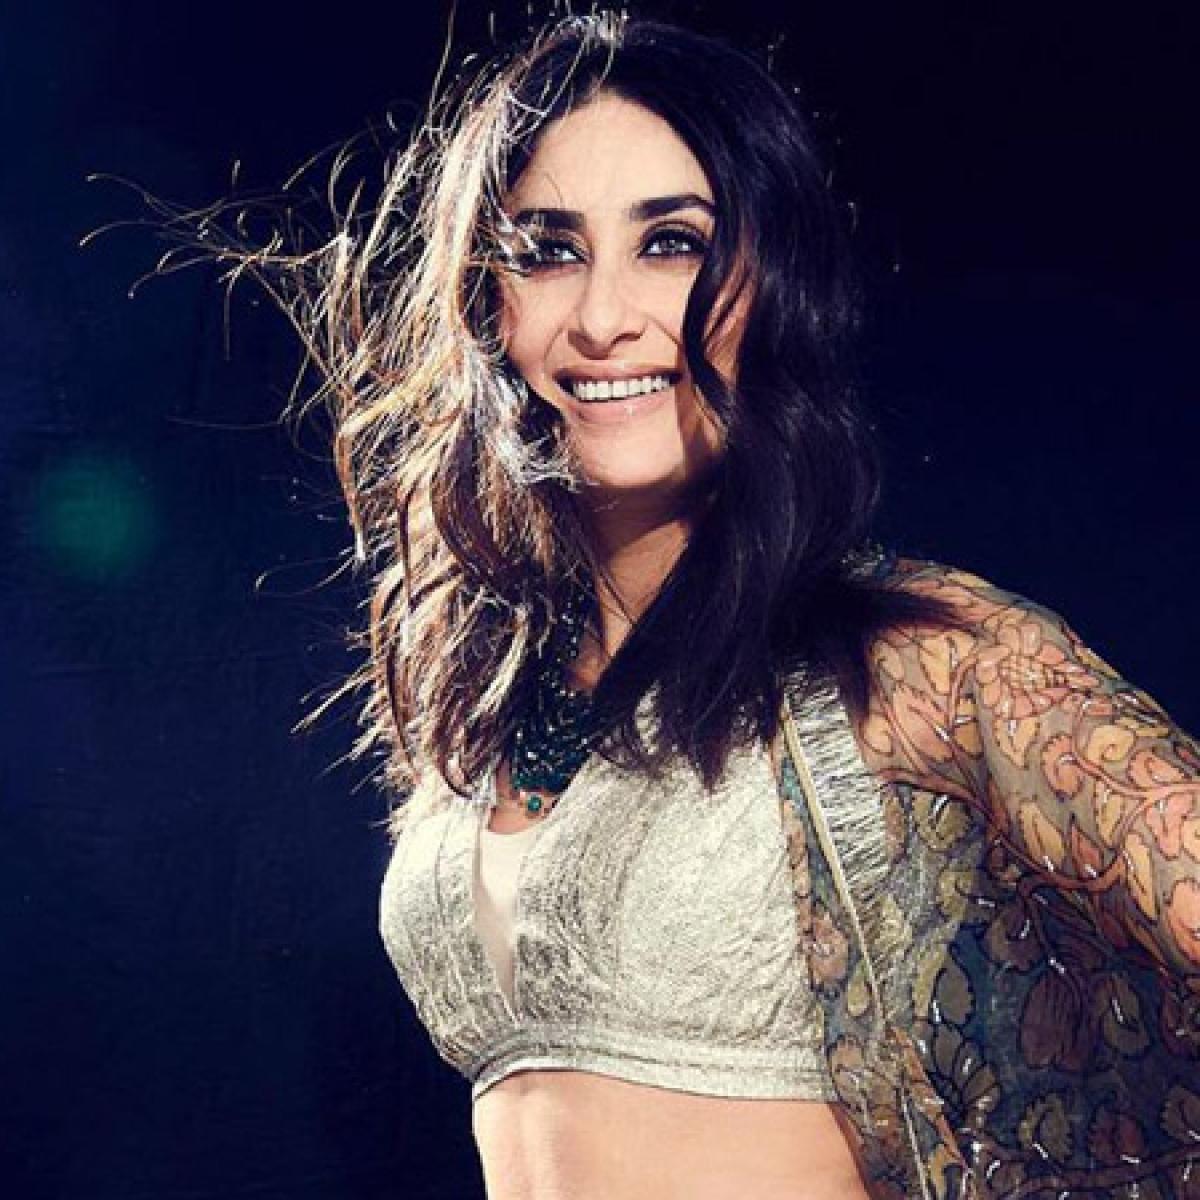 Kareena Kapoor Khan looks ethreal as she twirls in a Nazm-e-Itrh lehenga!